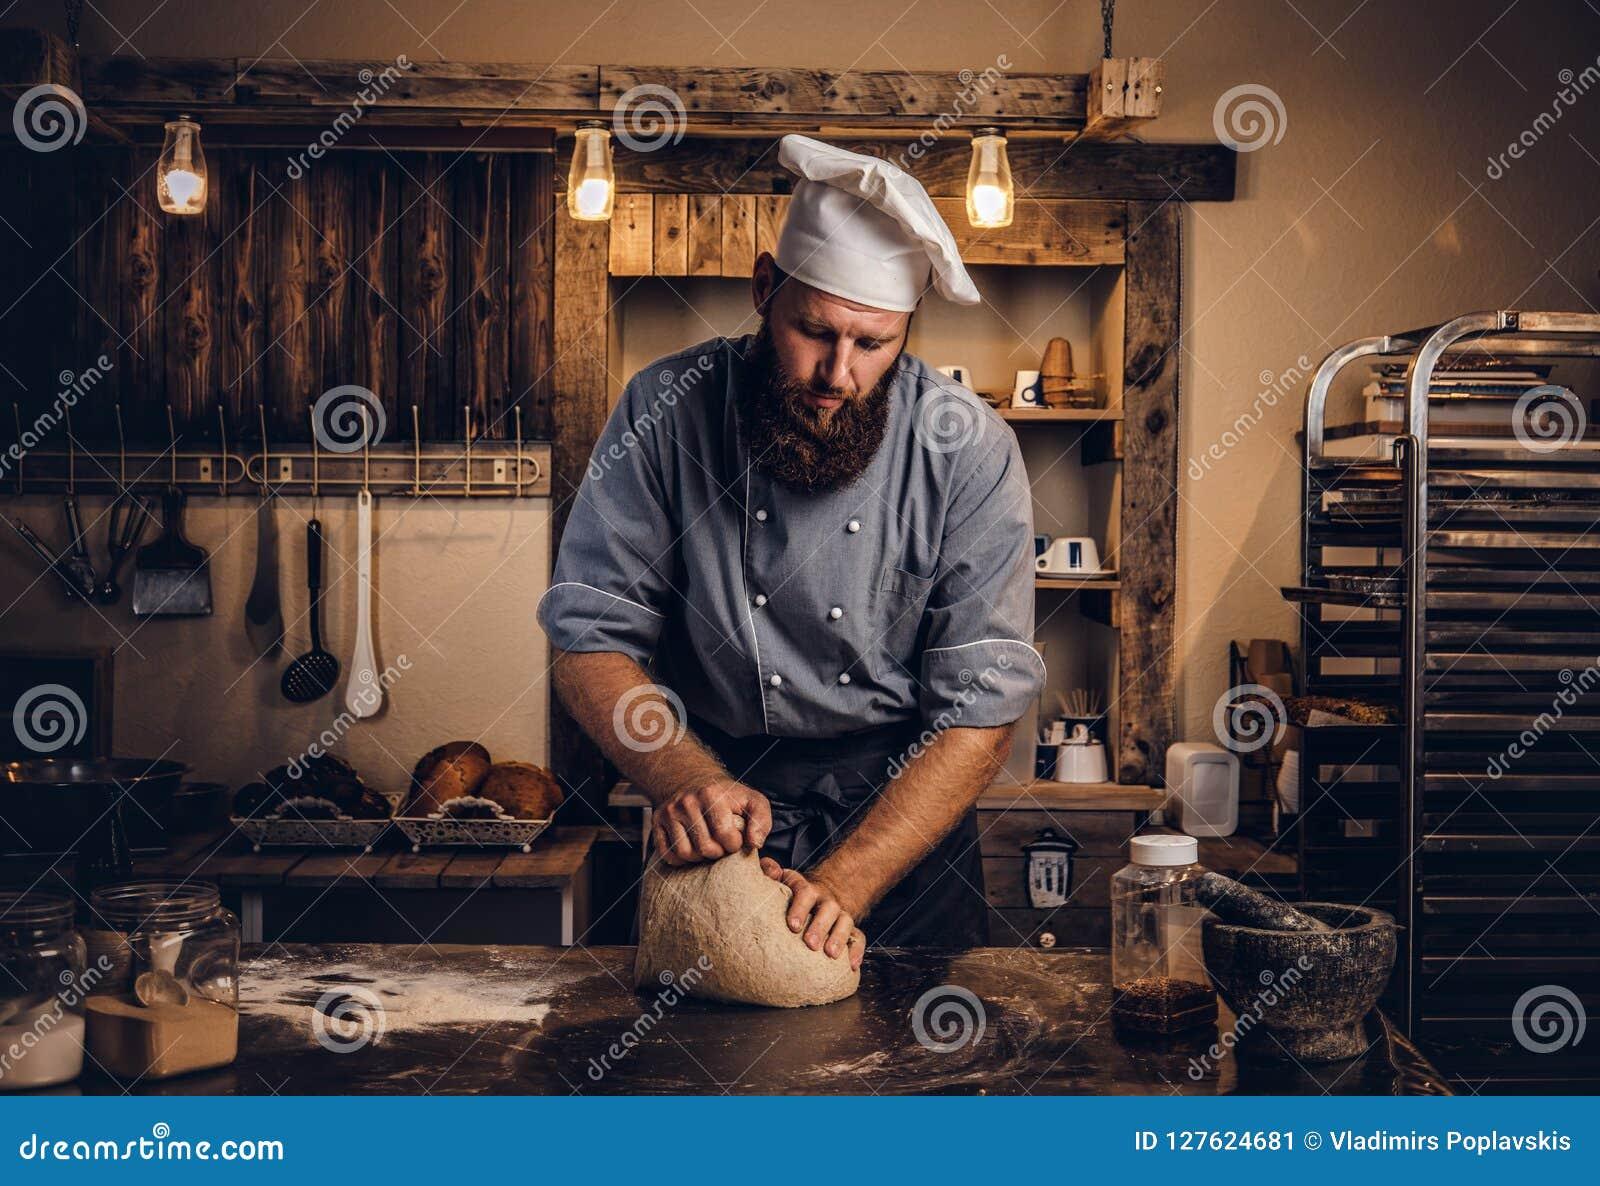 Pasta d impastamento concentrata del cuoco unico nella cucina